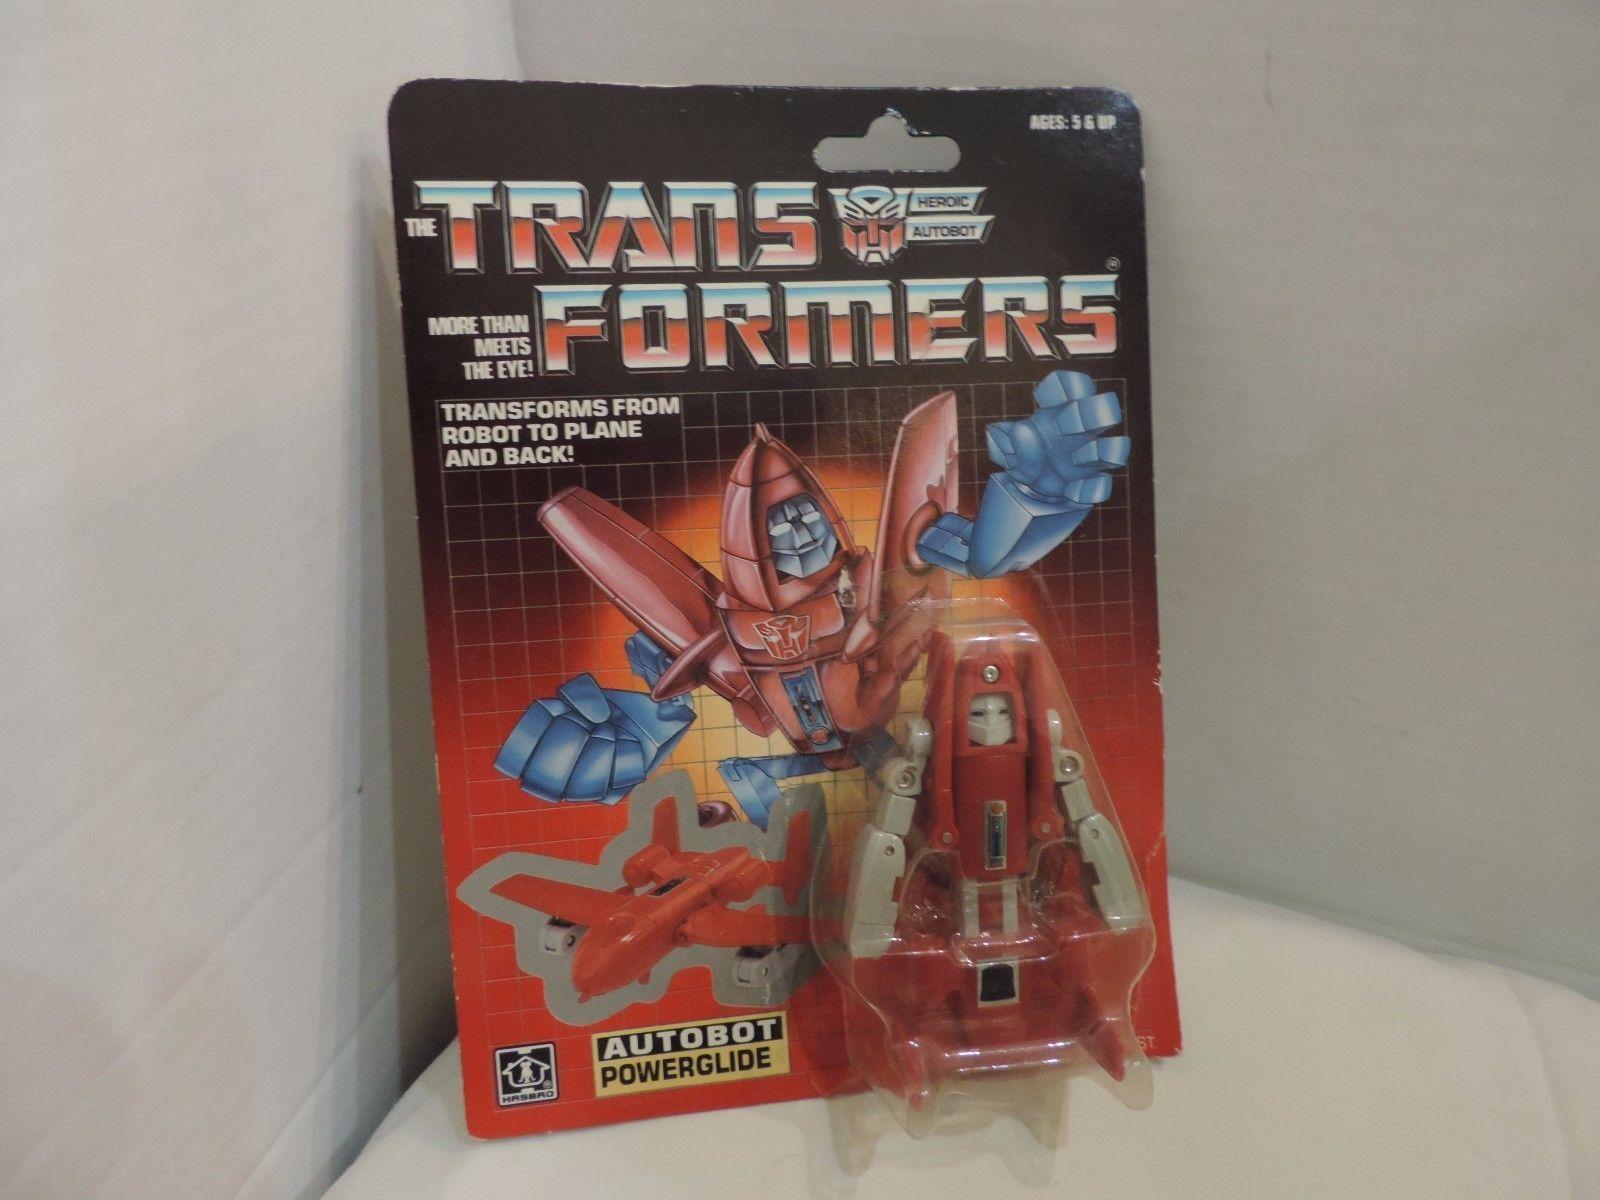 G1 transformers autobot - powerglide vintage hasbro - generation eine action - figur